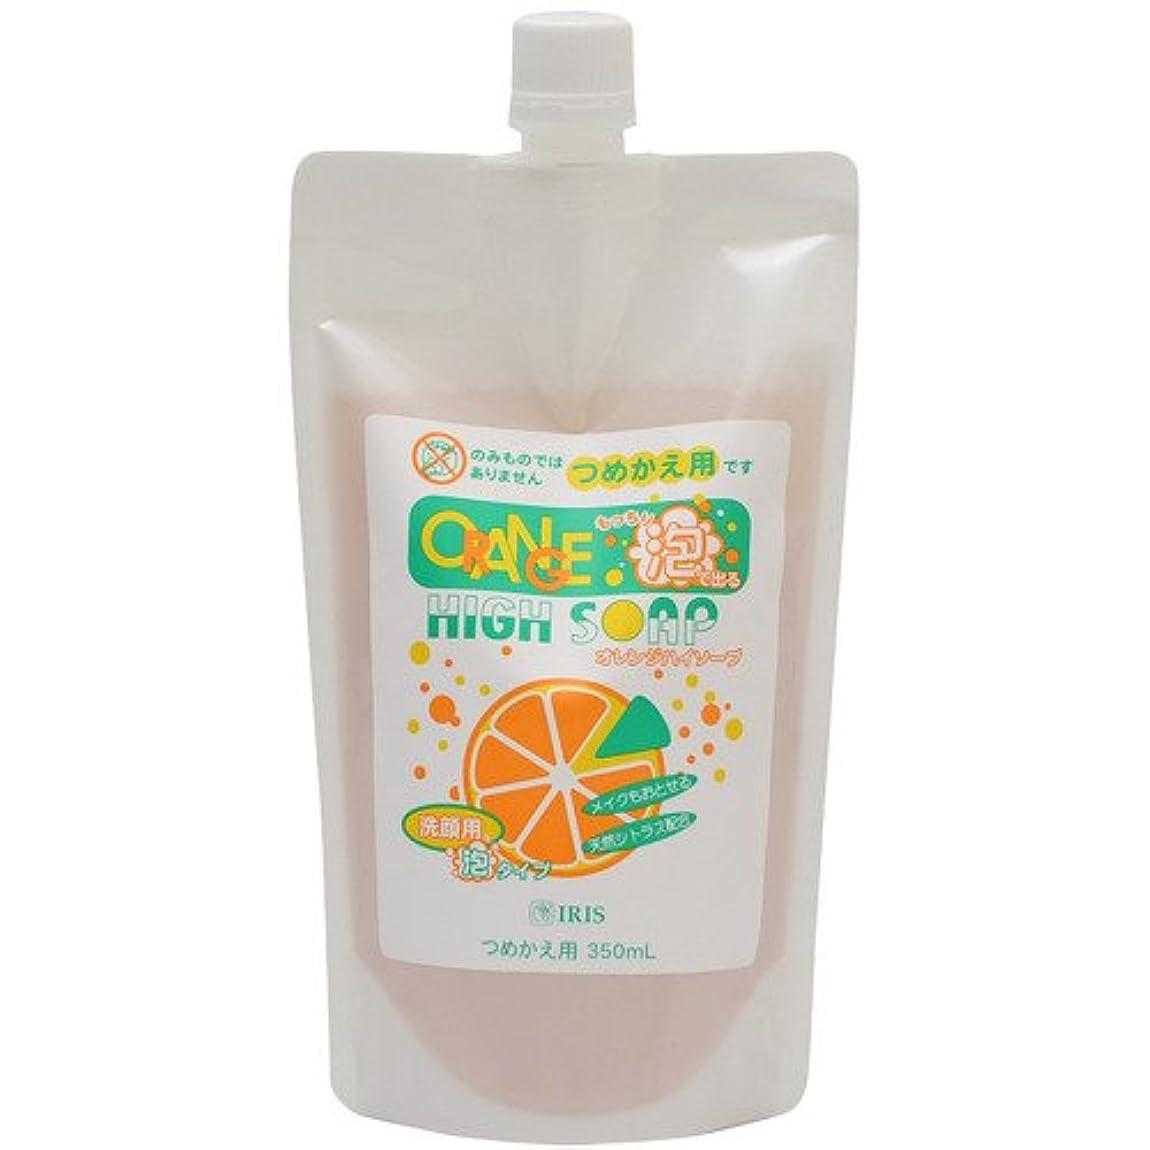 リップ放射するリビジョンオレンジハイソープ 洗顔用 泡タイプ ポンプ式 詰替用 350ml